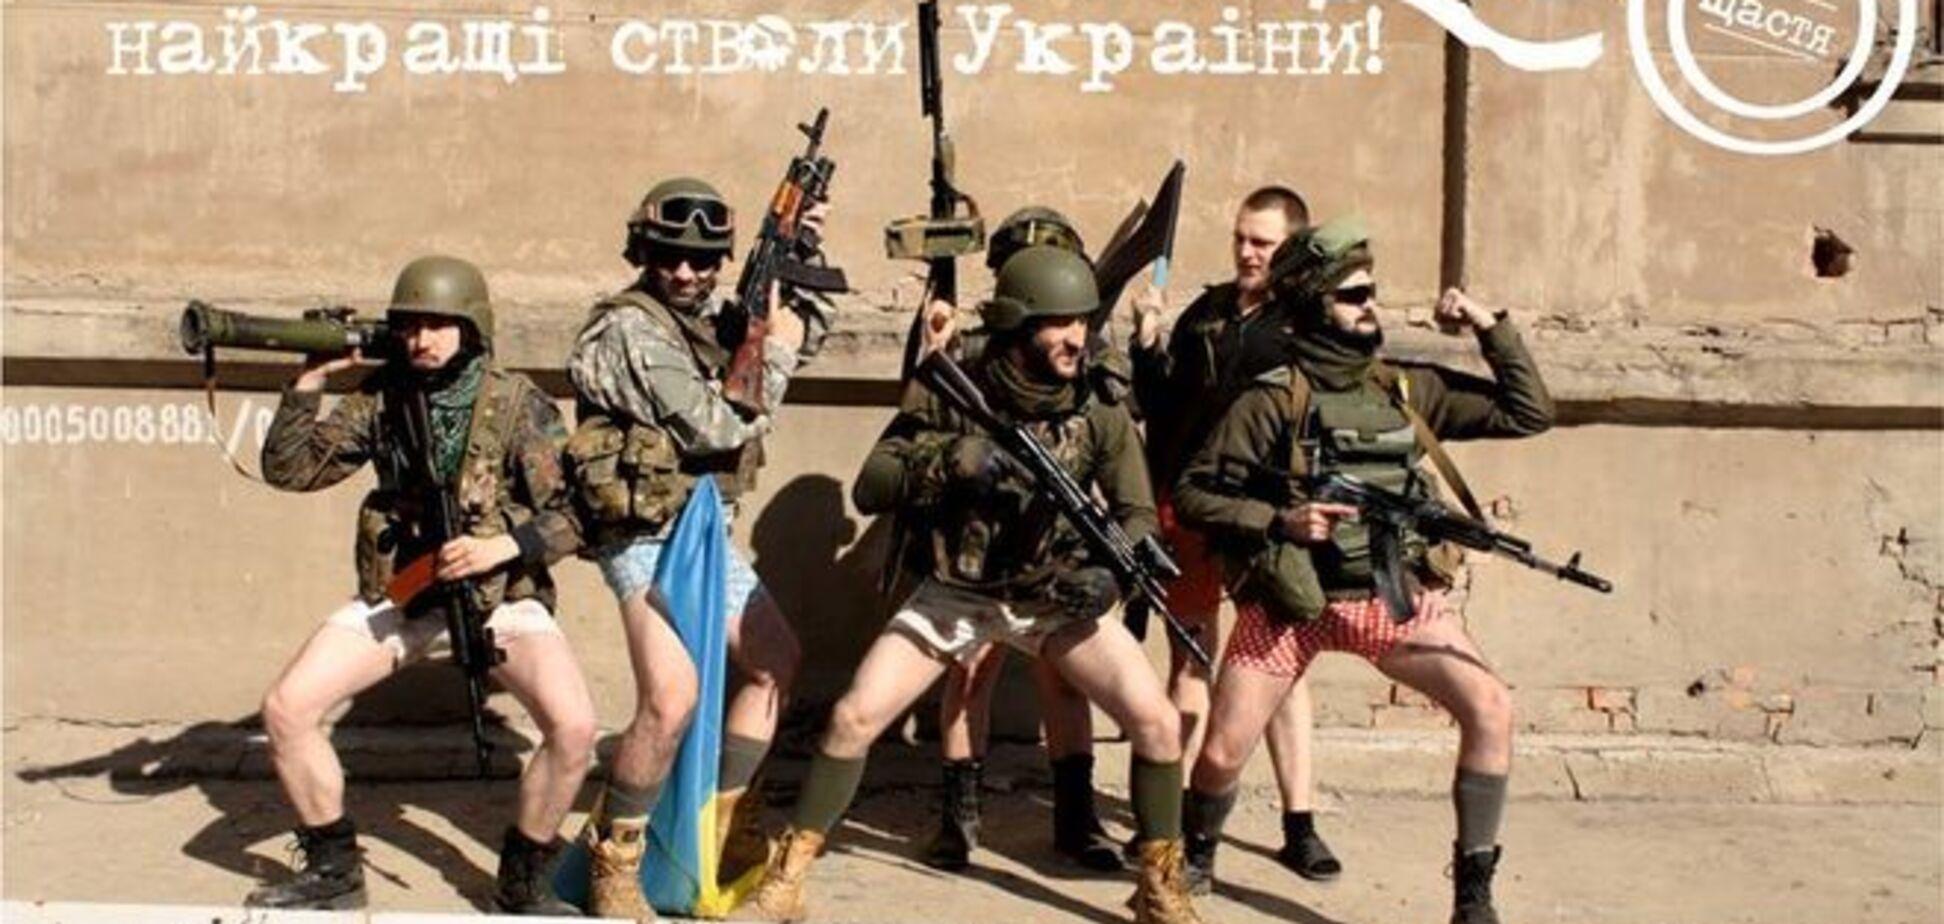 'Кращі стволи України'. 'Айдарівці' в бабусиних трусах привітали жінок: фотофакт